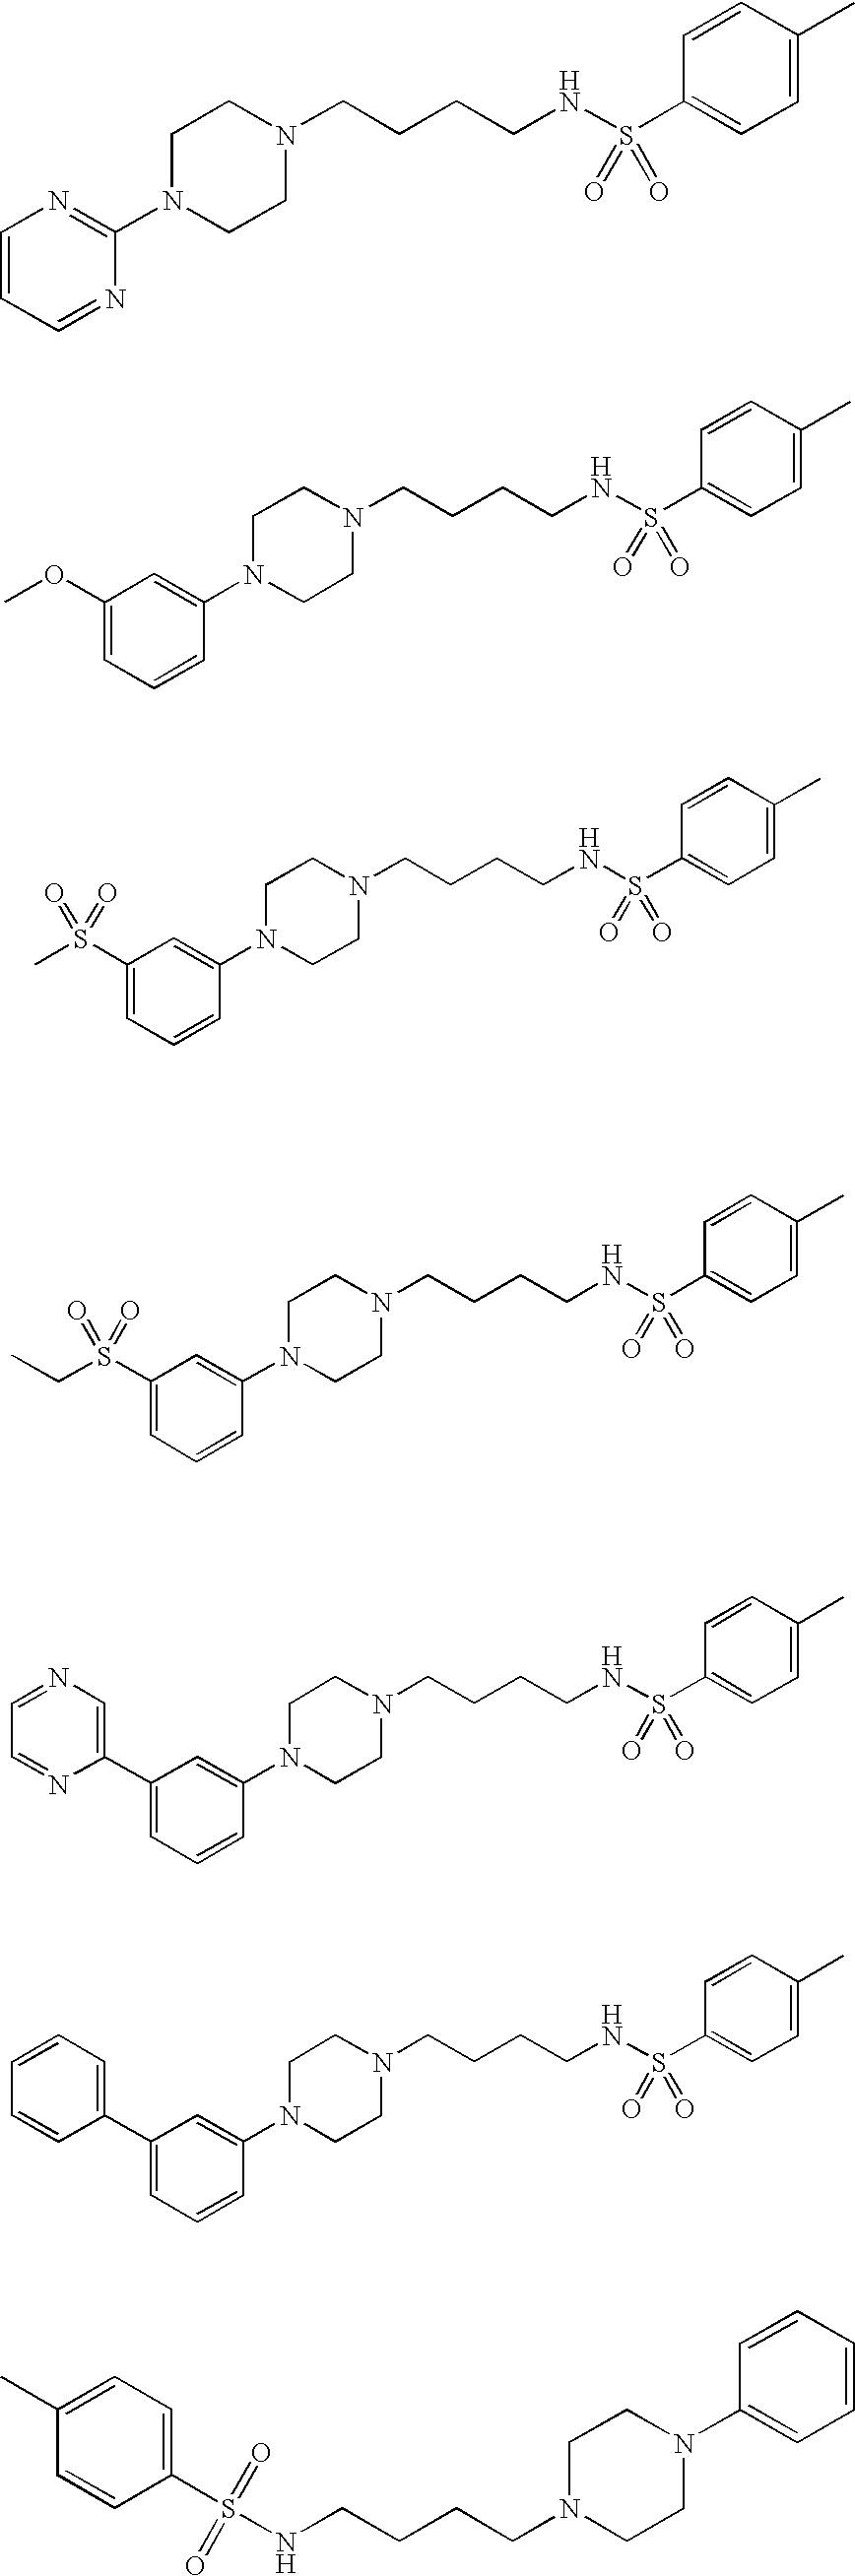 Figure US20100009983A1-20100114-C00131